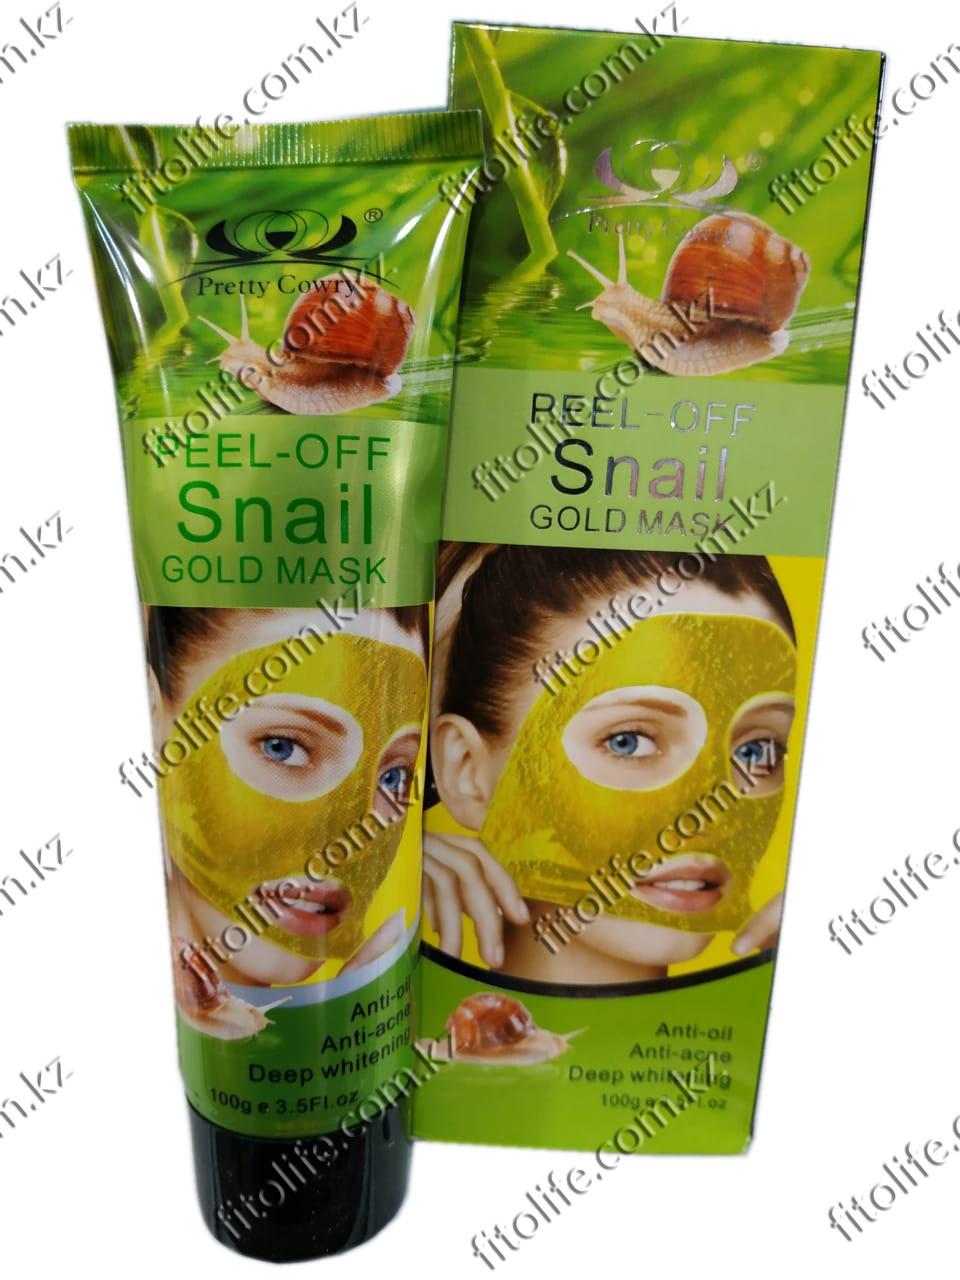 Peel-off snail gold mask, глубокое отбеливание, против акне и жира